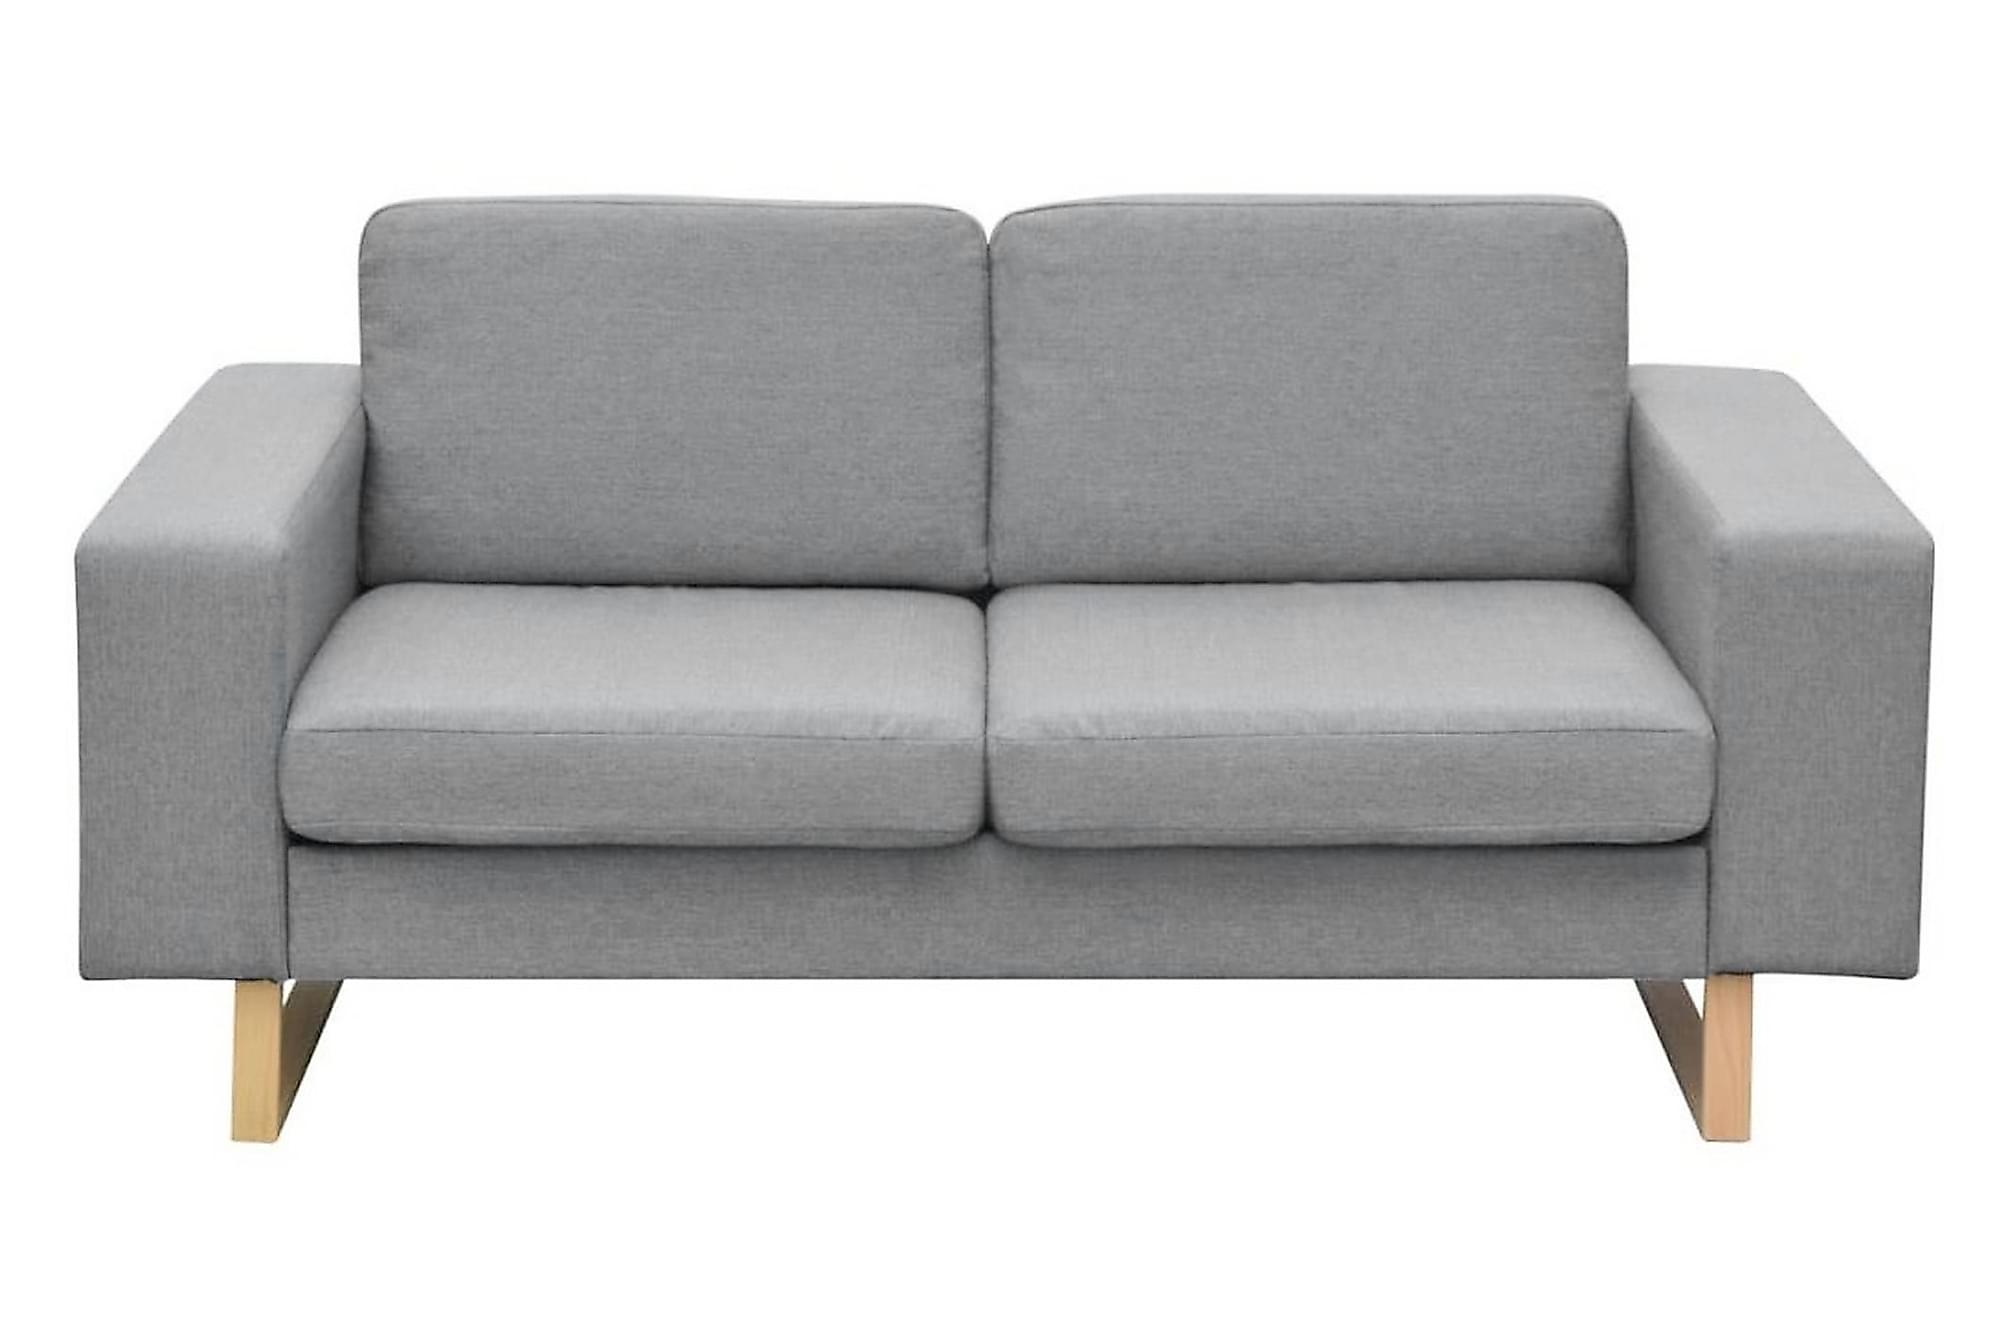 Soffgrupp med 2-sits och 3-sits ljusgrå